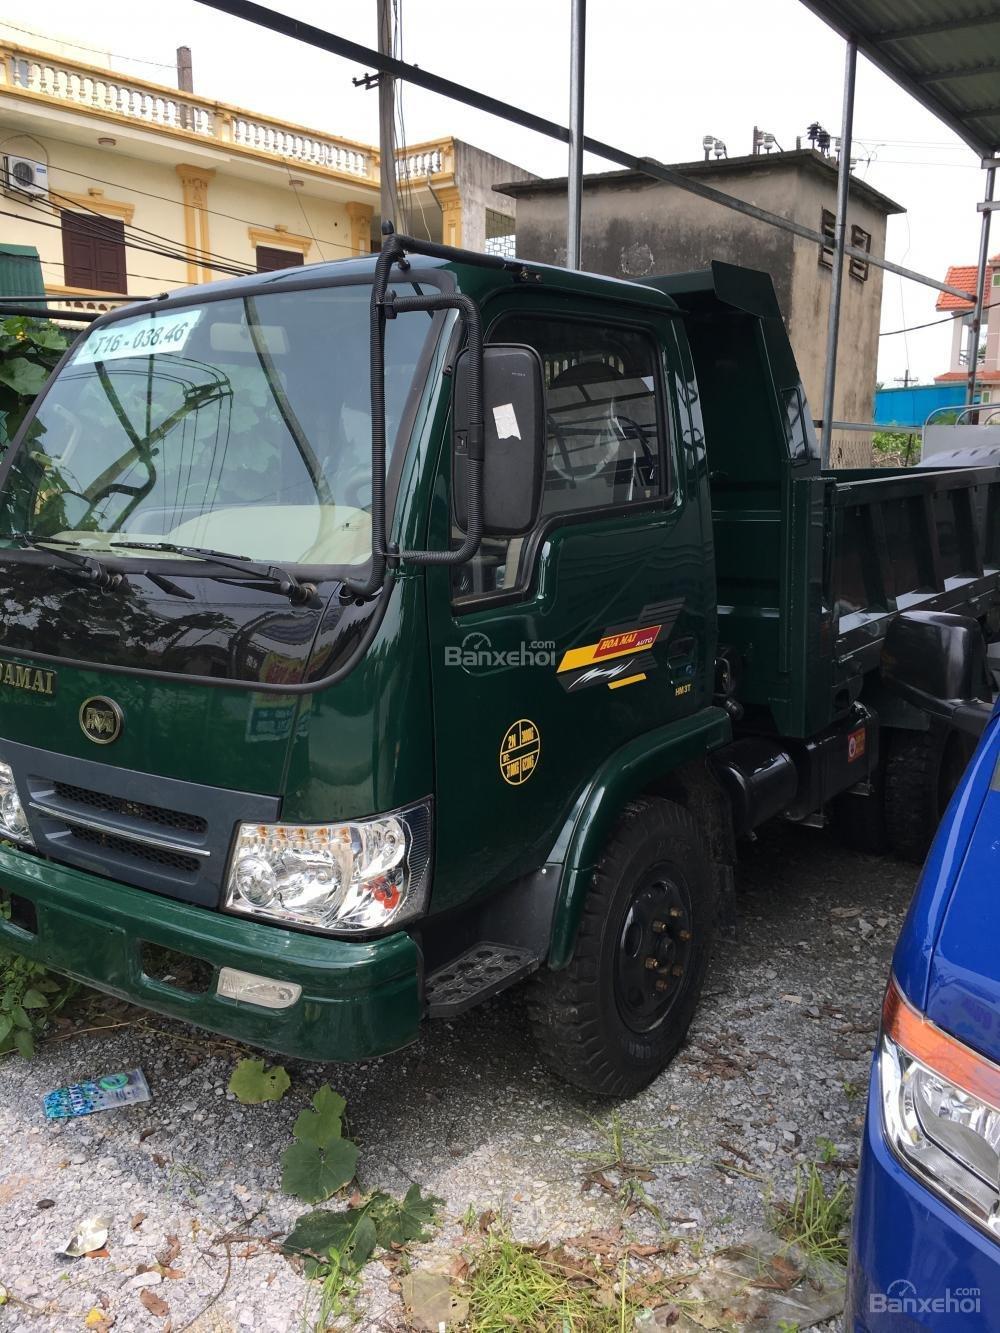 Hưng Yên bán xe tải Ben Hoa Mai 3 tấn, chỉ còn một xe duy nhất quý khách nhanh tay đặt hàng-4